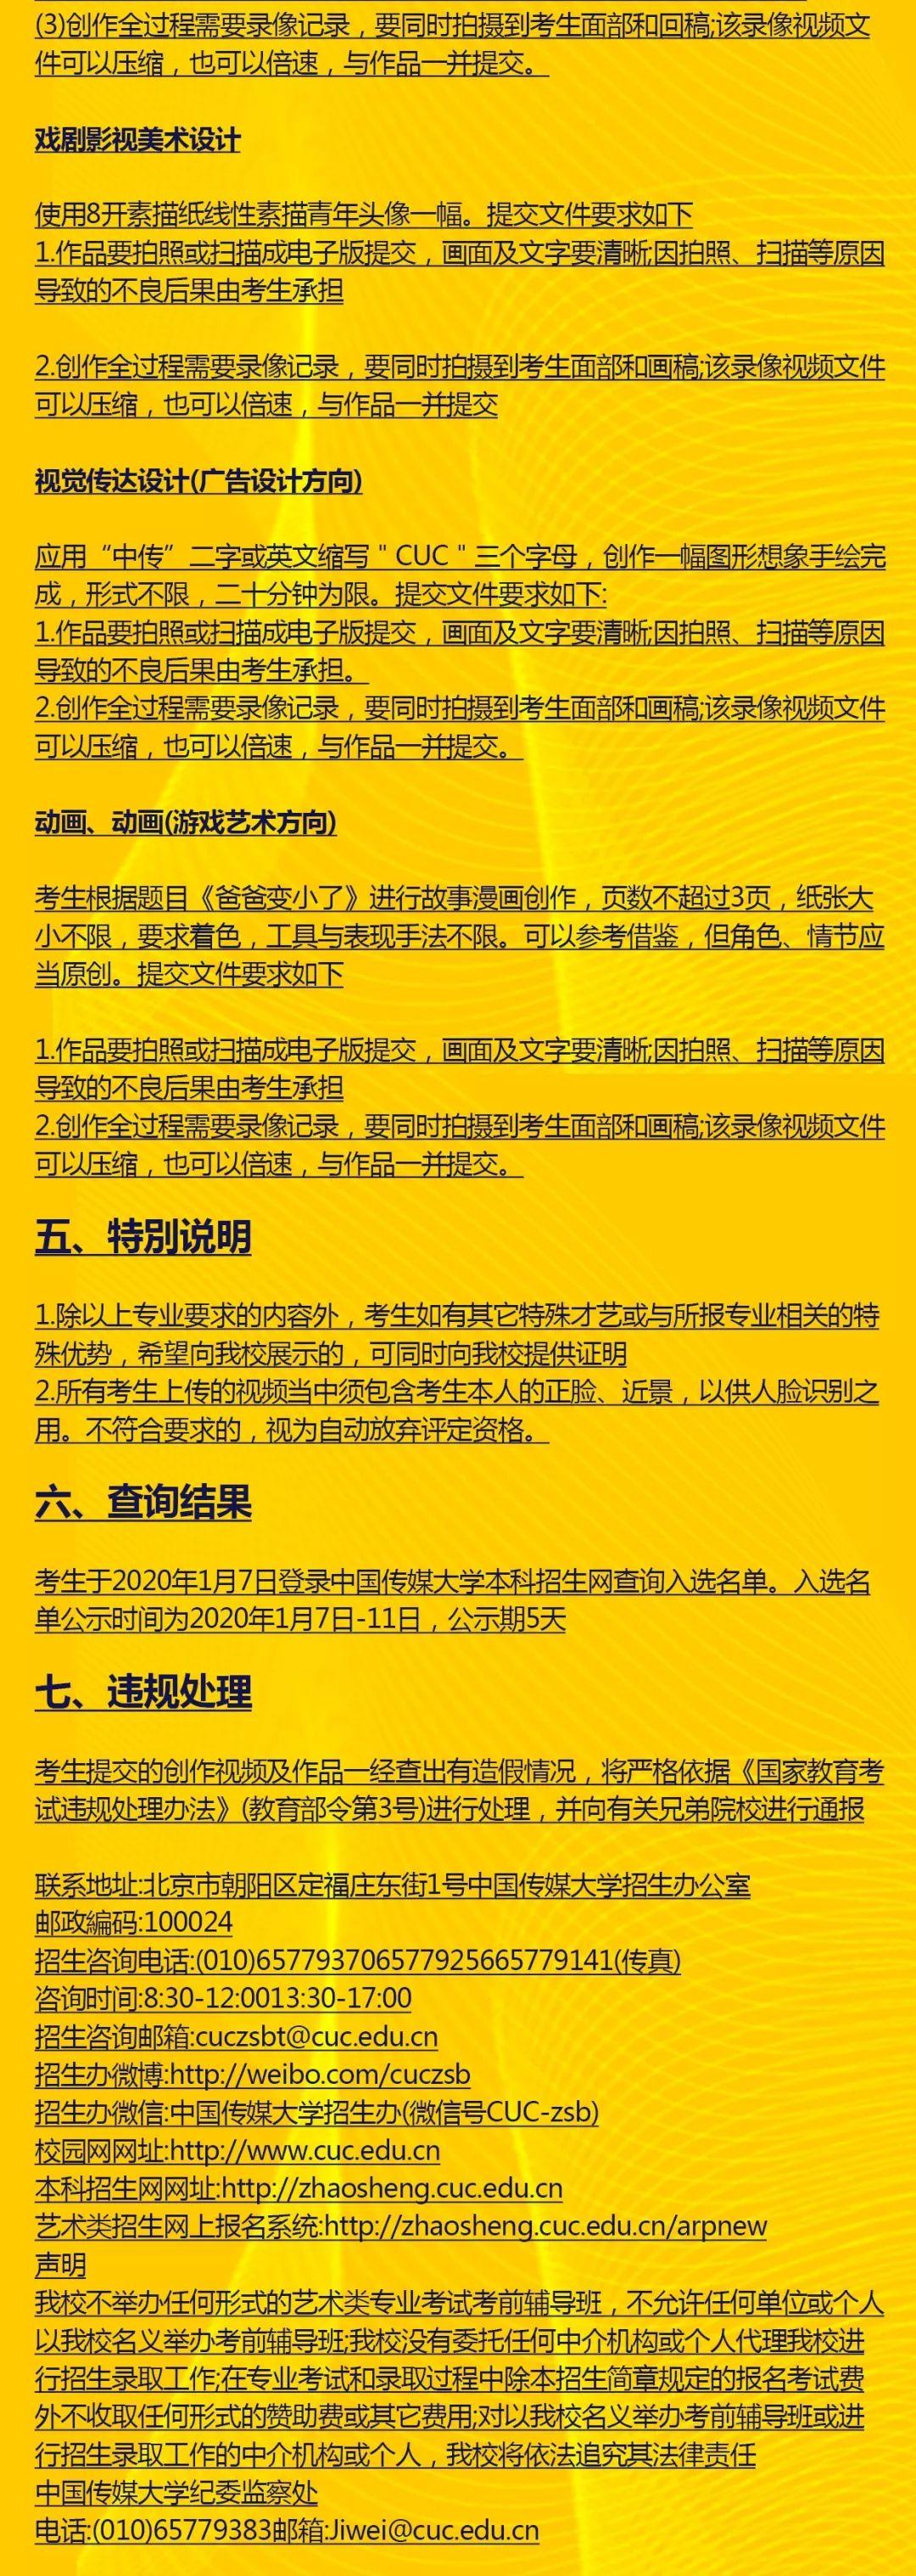 中国传媒大学,北京电影学院,中央戏剧学院,北京巅峰广艺画室       08